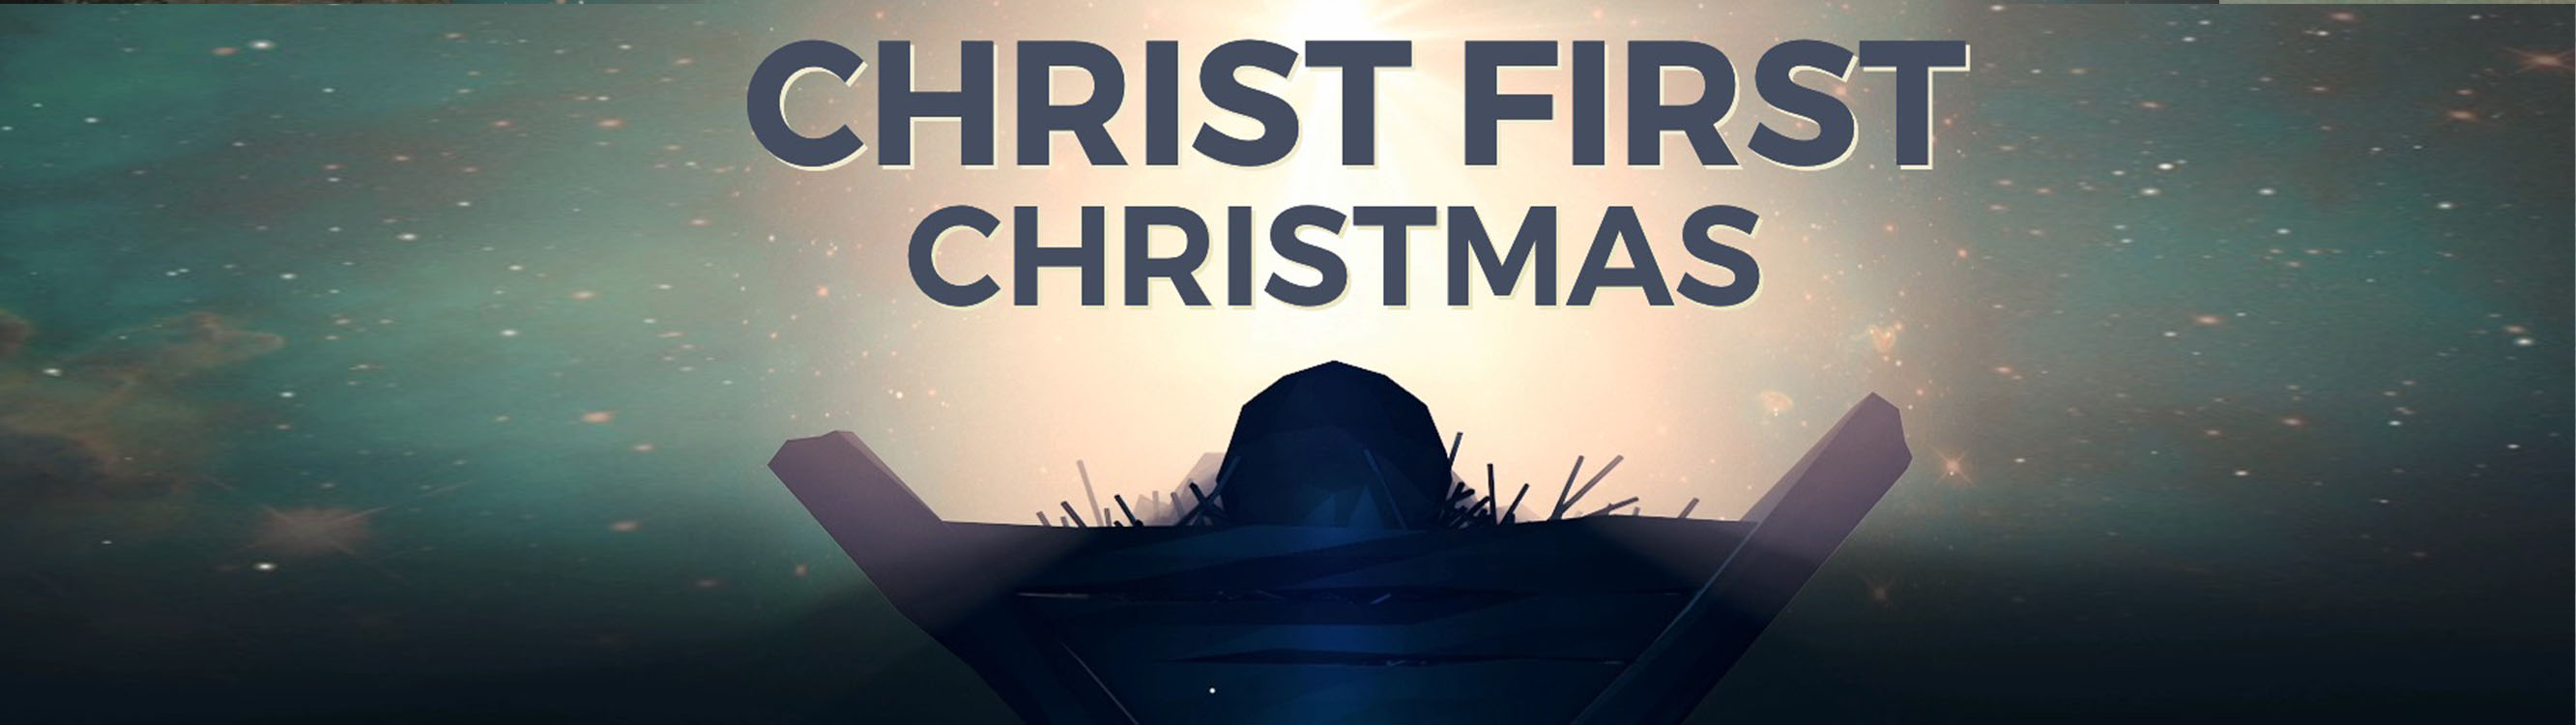 Christmas_2015_big_banner